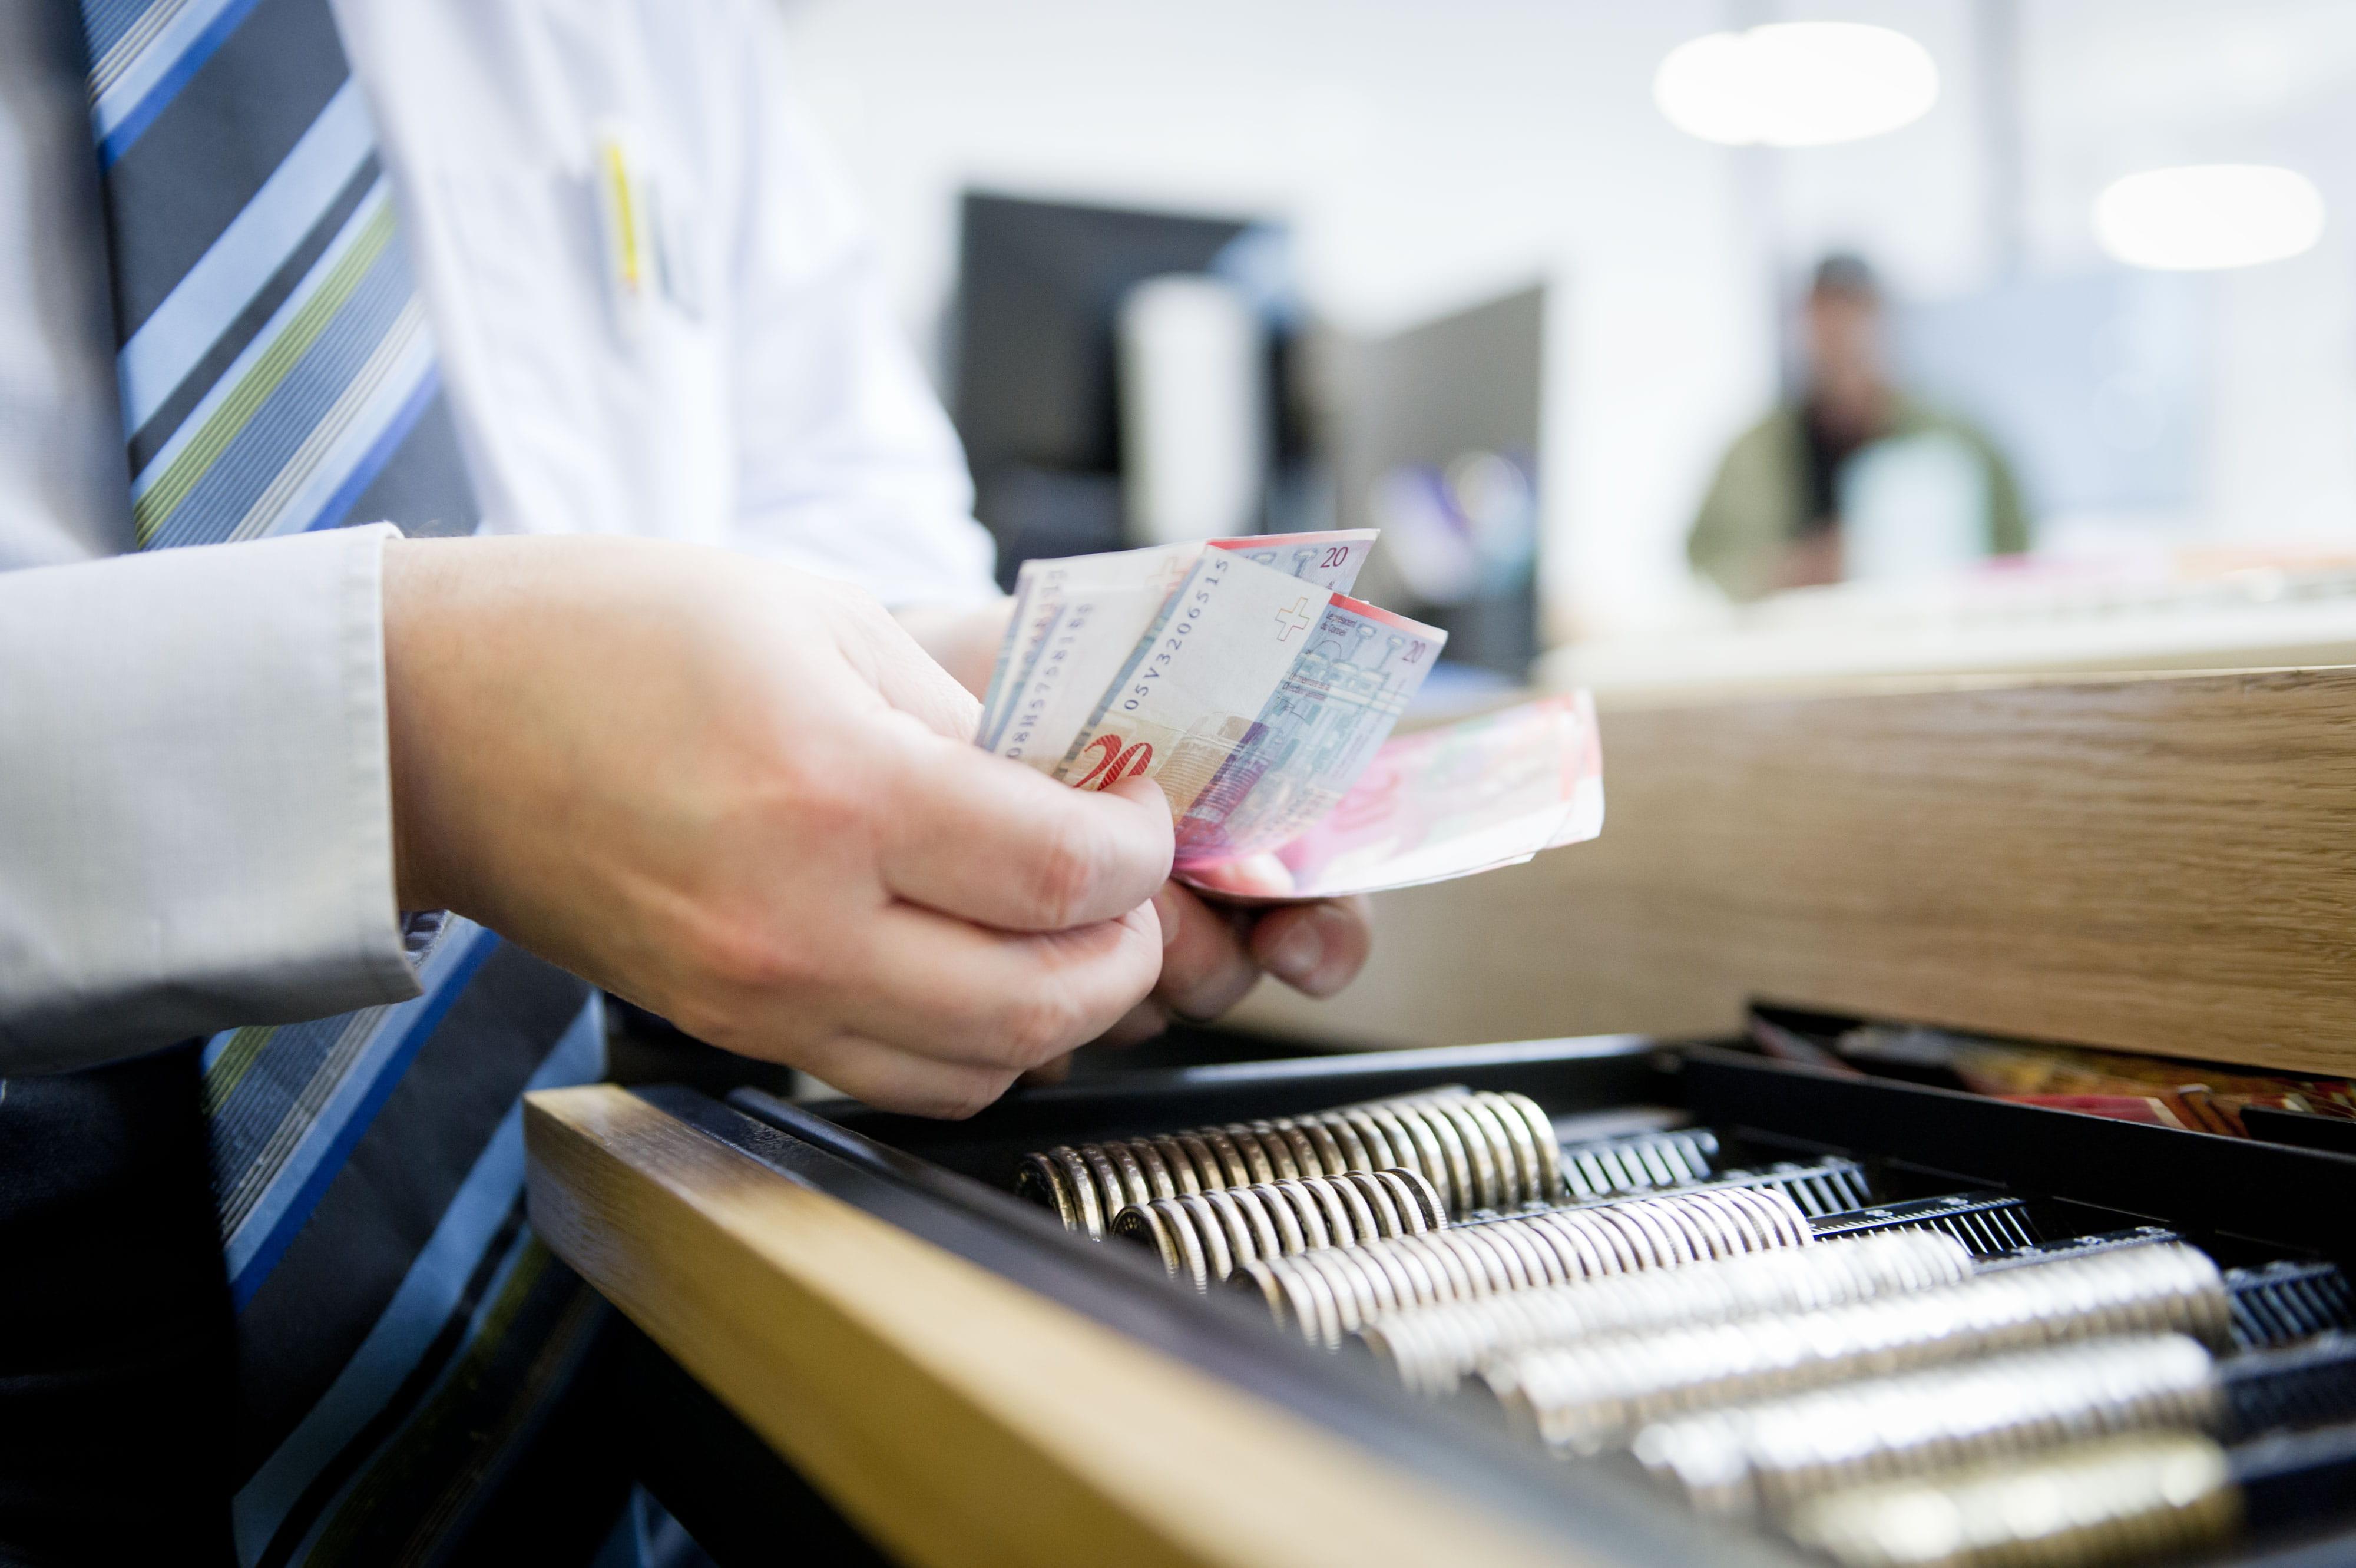 Dienstleistungen-Vor-der-Reise-Reisegeld